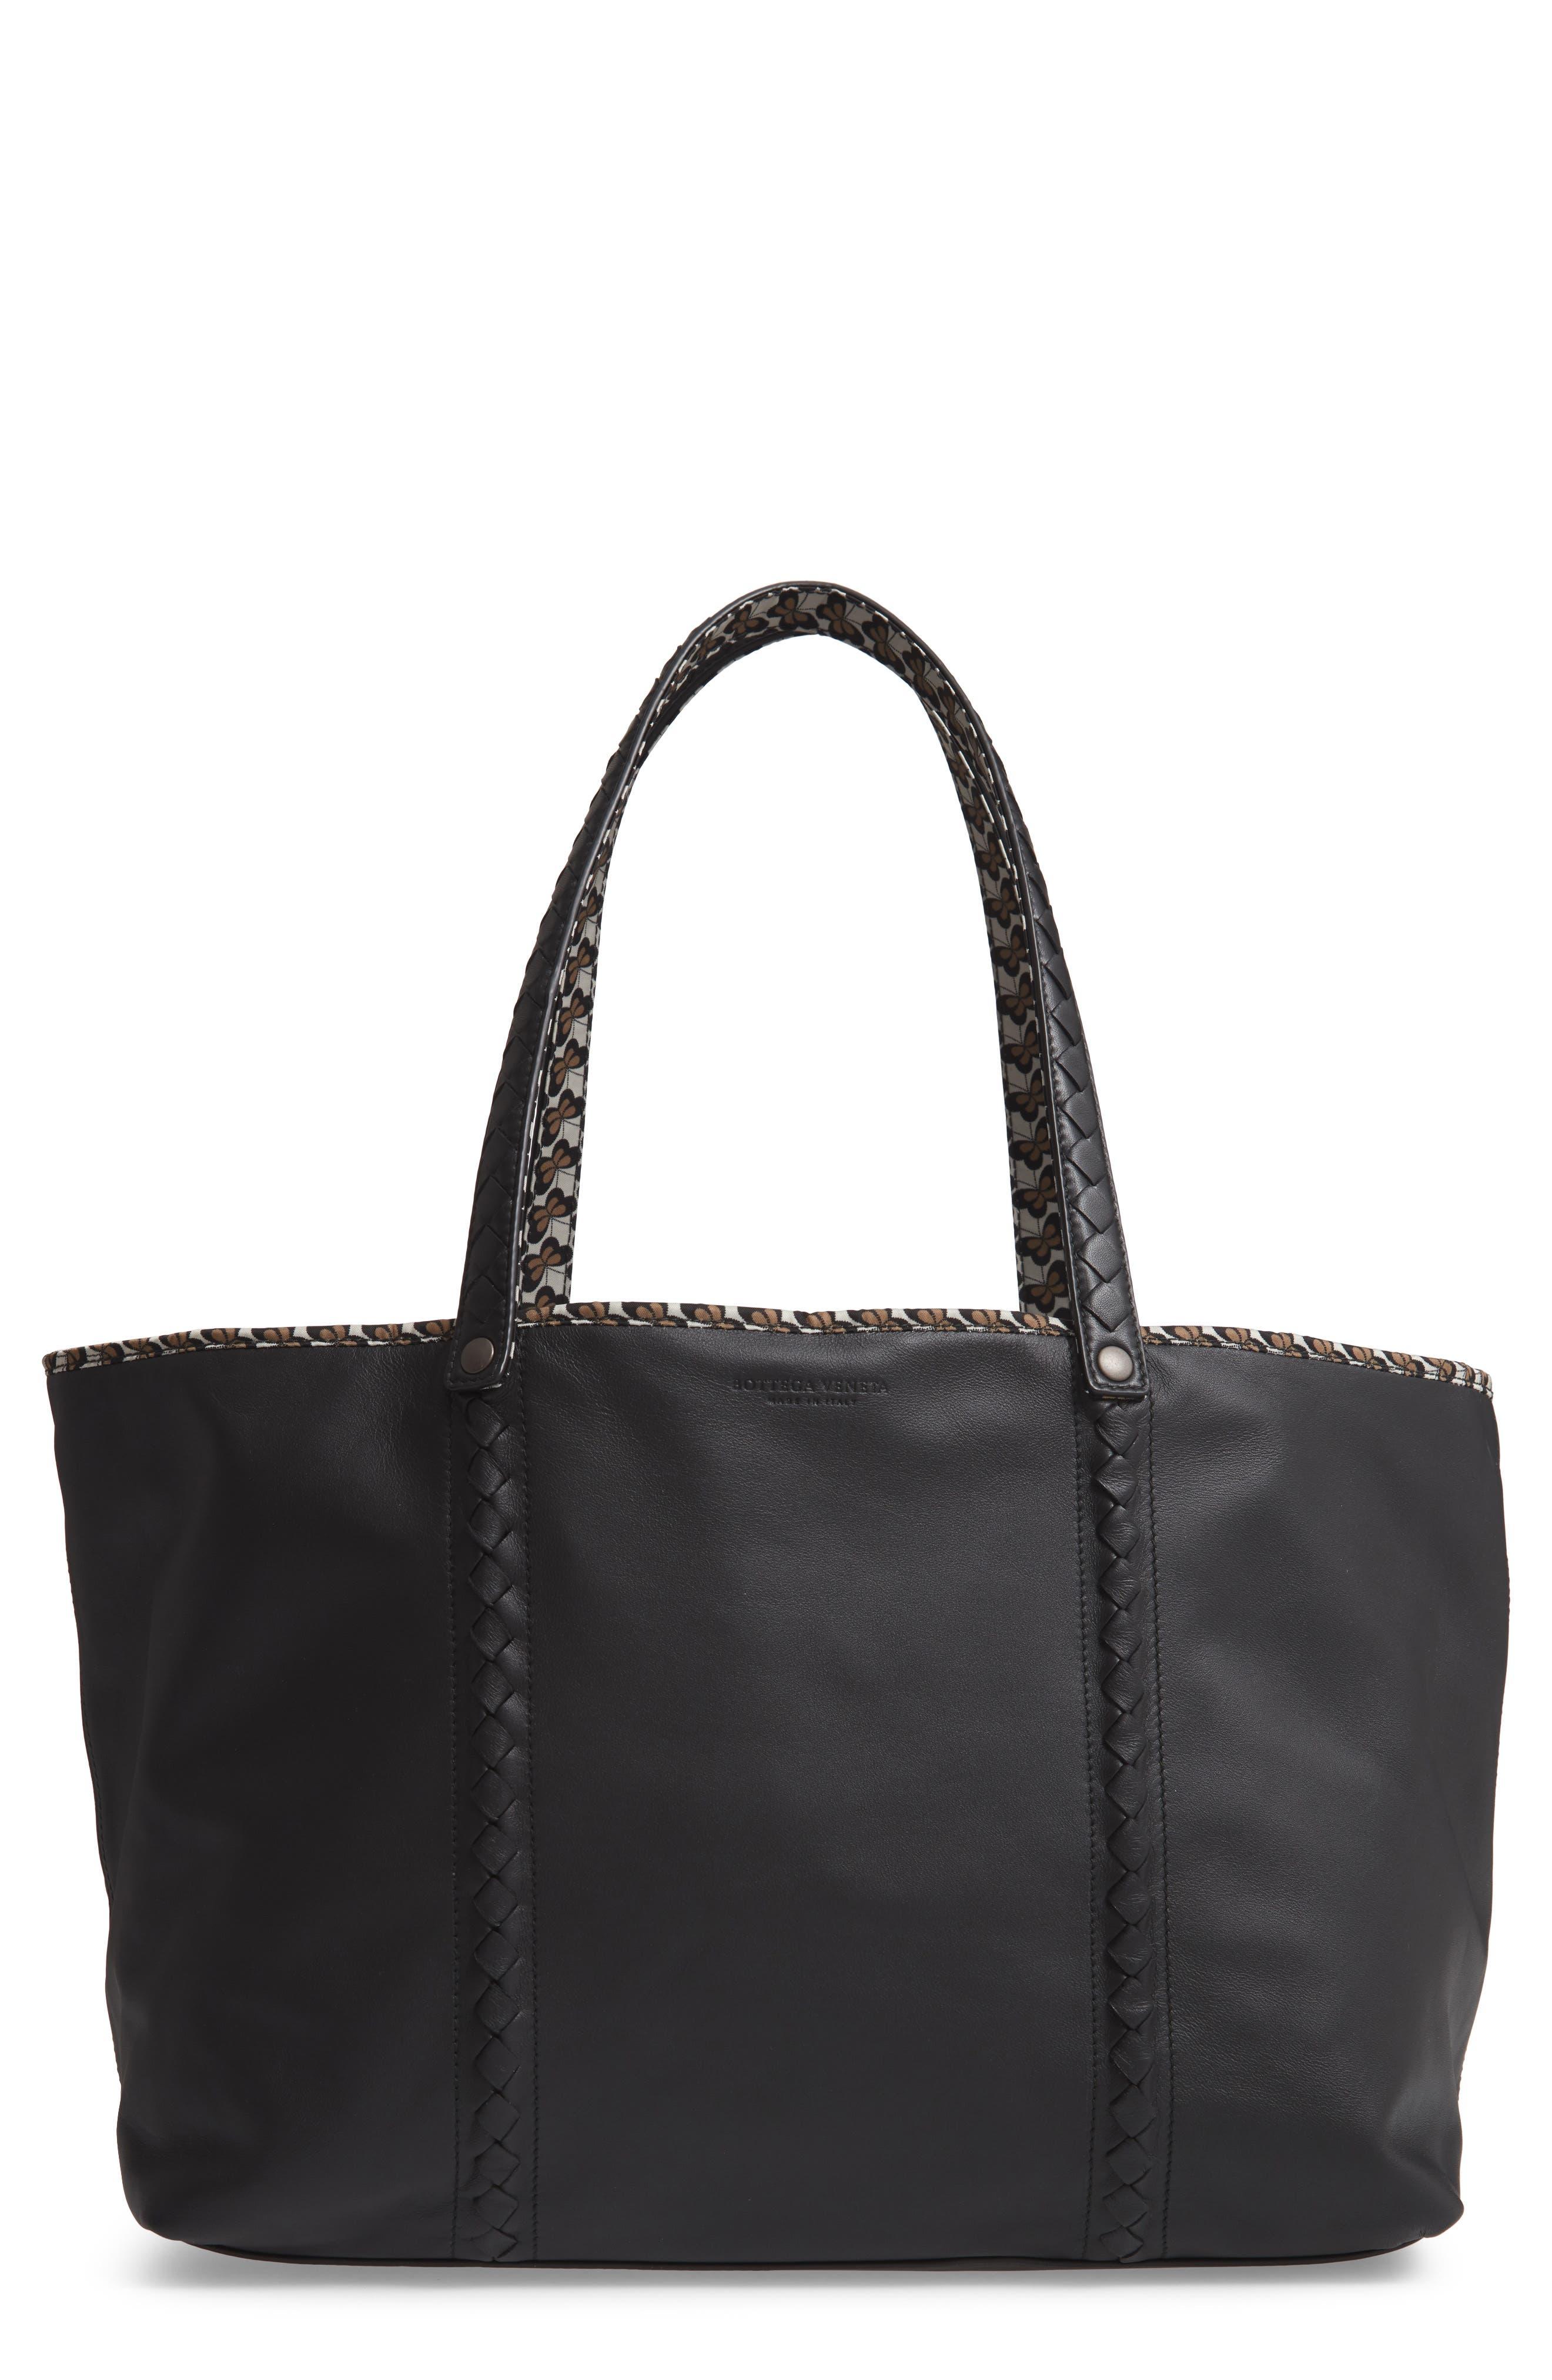 BOTTEGA VENETA Leather Tote, Main, color, NERO/ CEMENT/ CHAMPIGNON